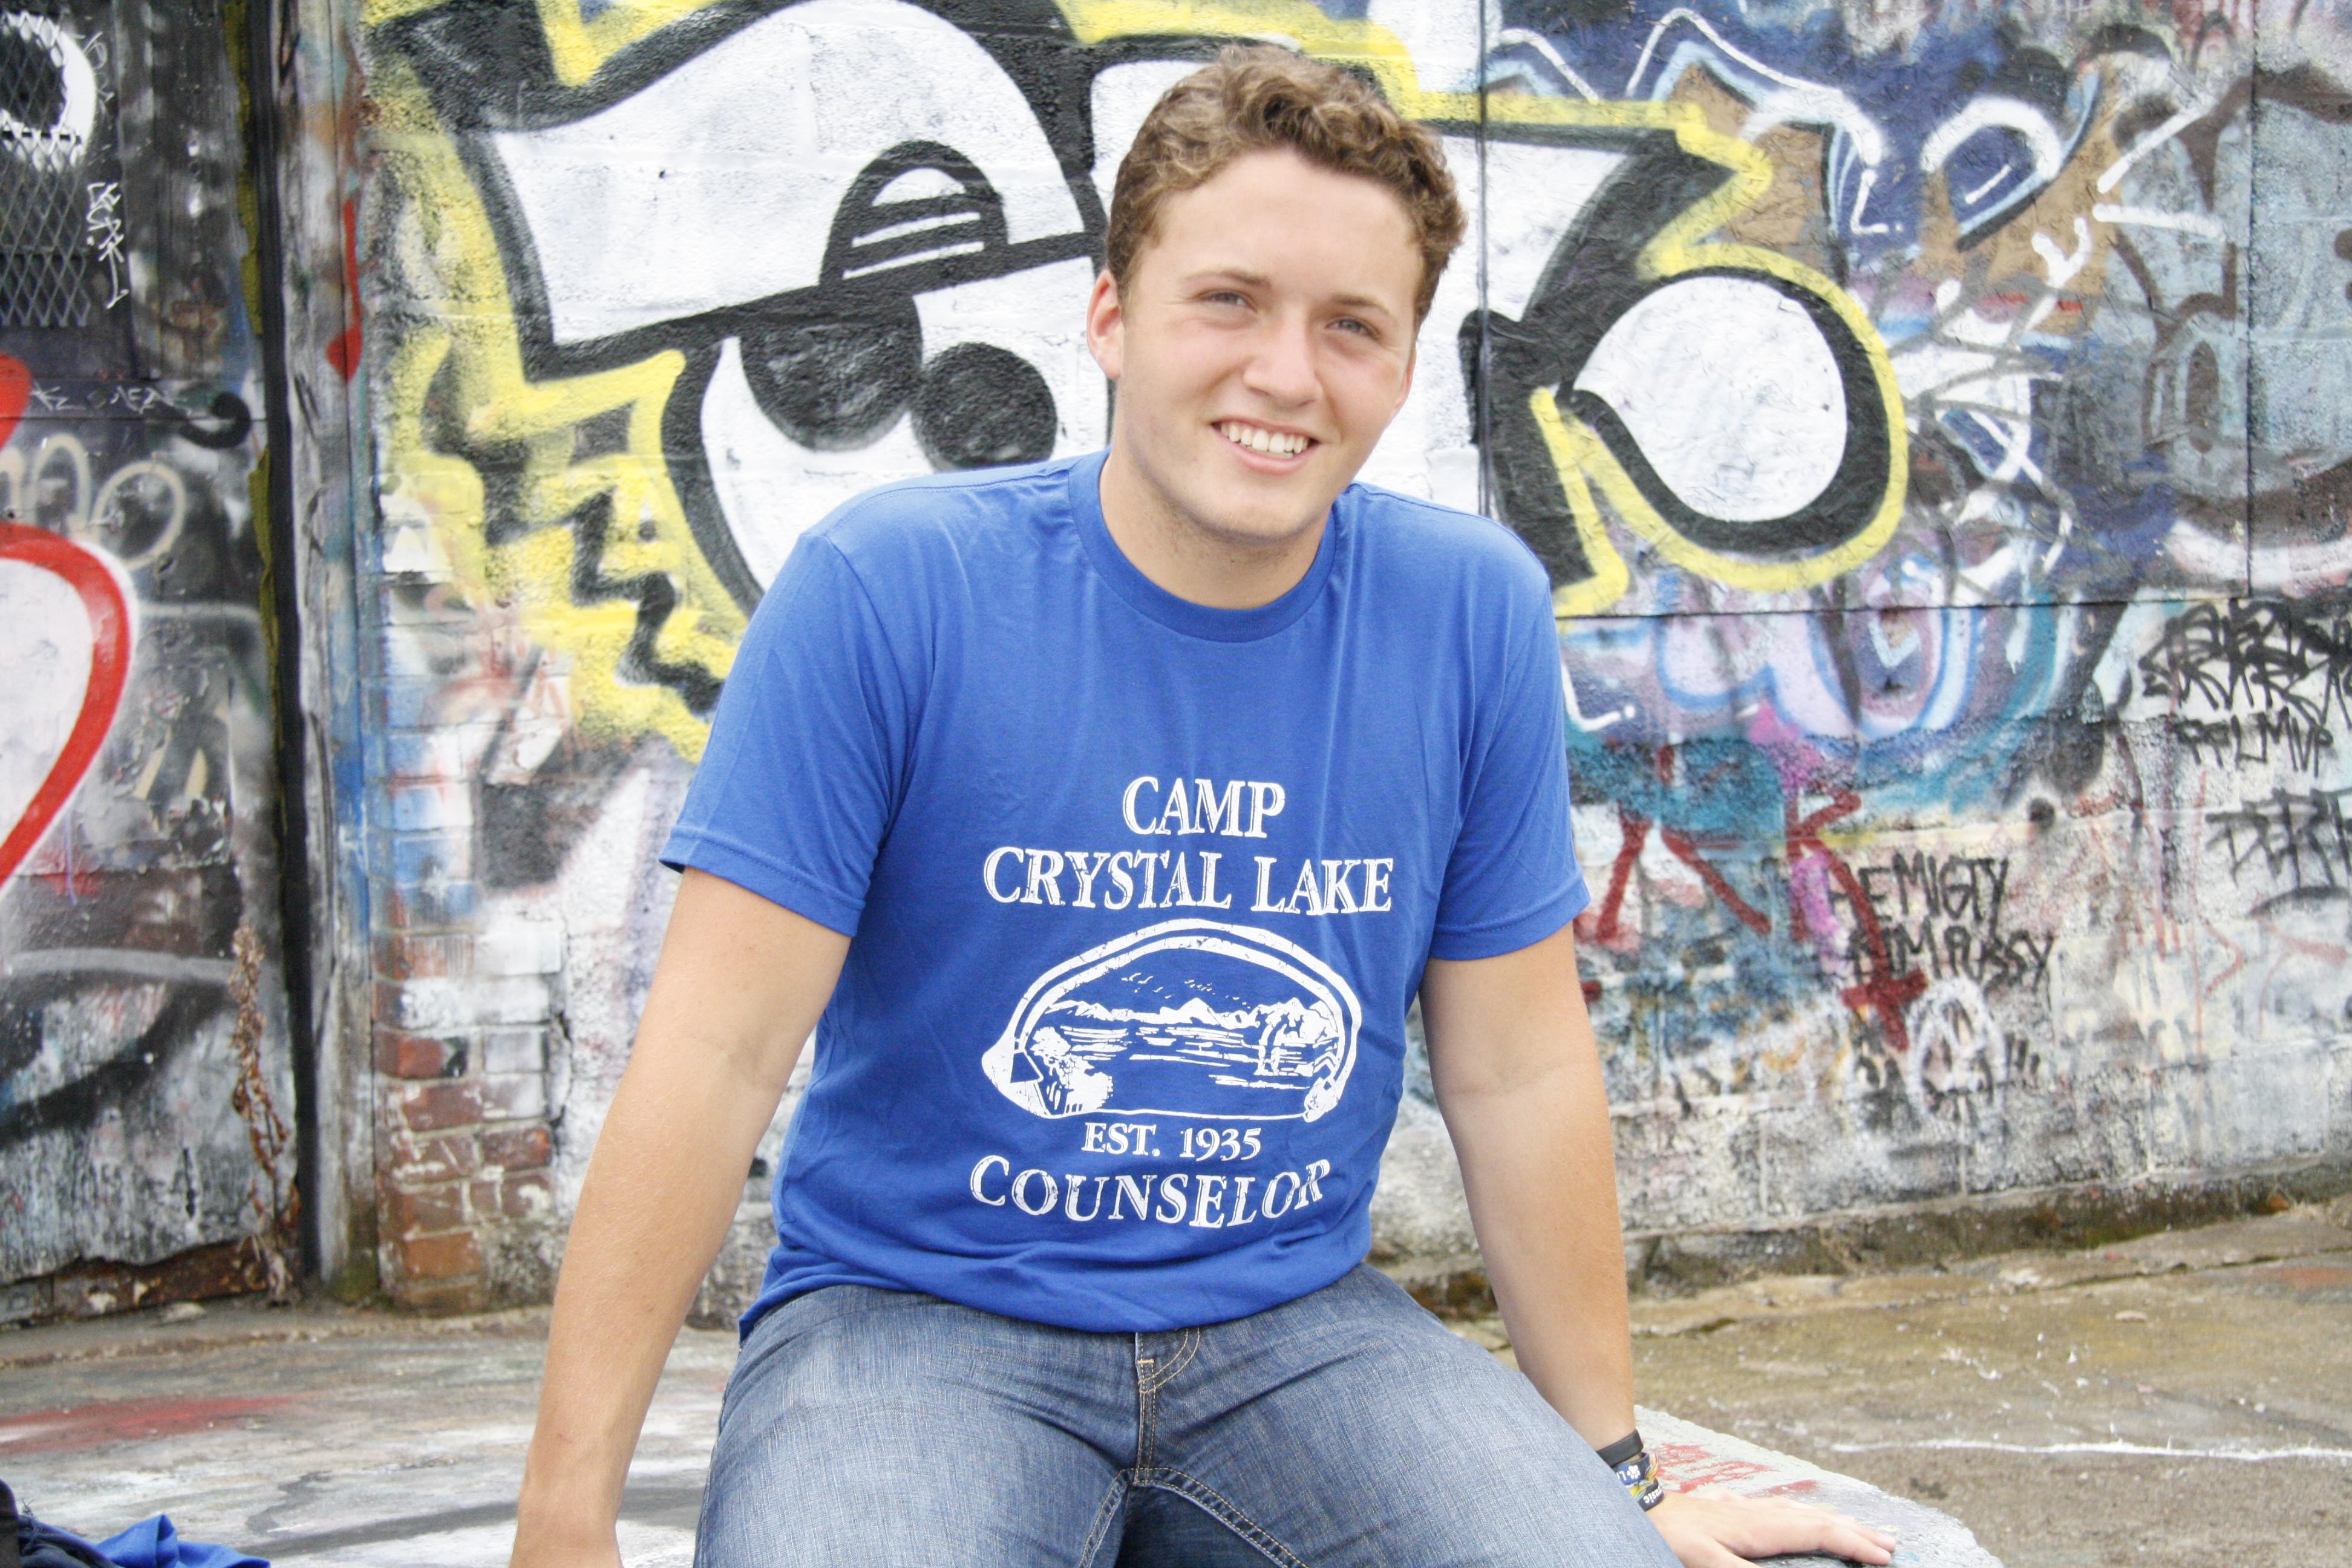 Mens-Camp-Crystal-Lake-T-shirt-Funny-Shirts-Camping-Vintage-Horror-Novelty-Tees thumbnail 9